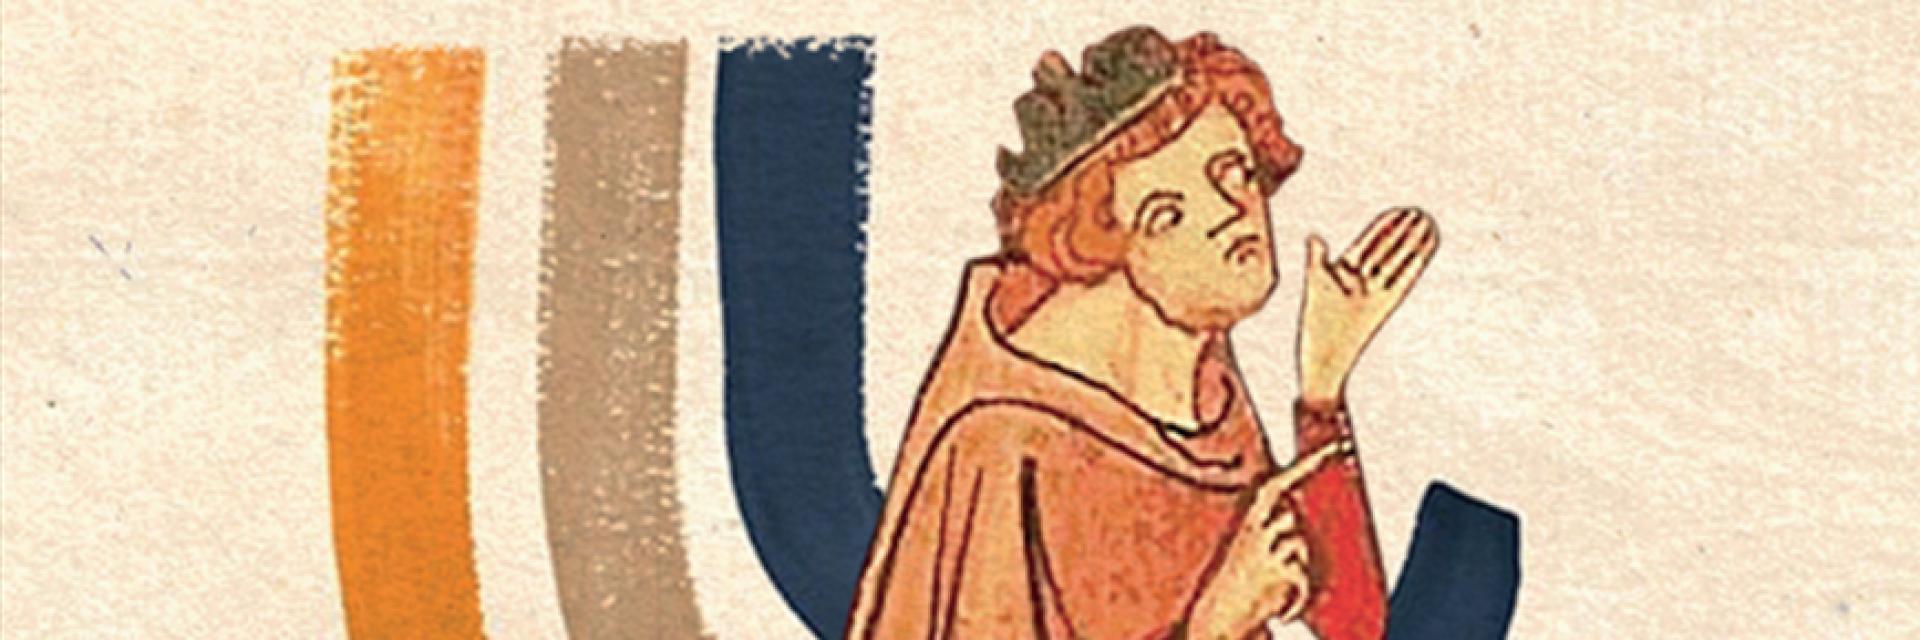 900 ème anniversaire du concile de Soissons